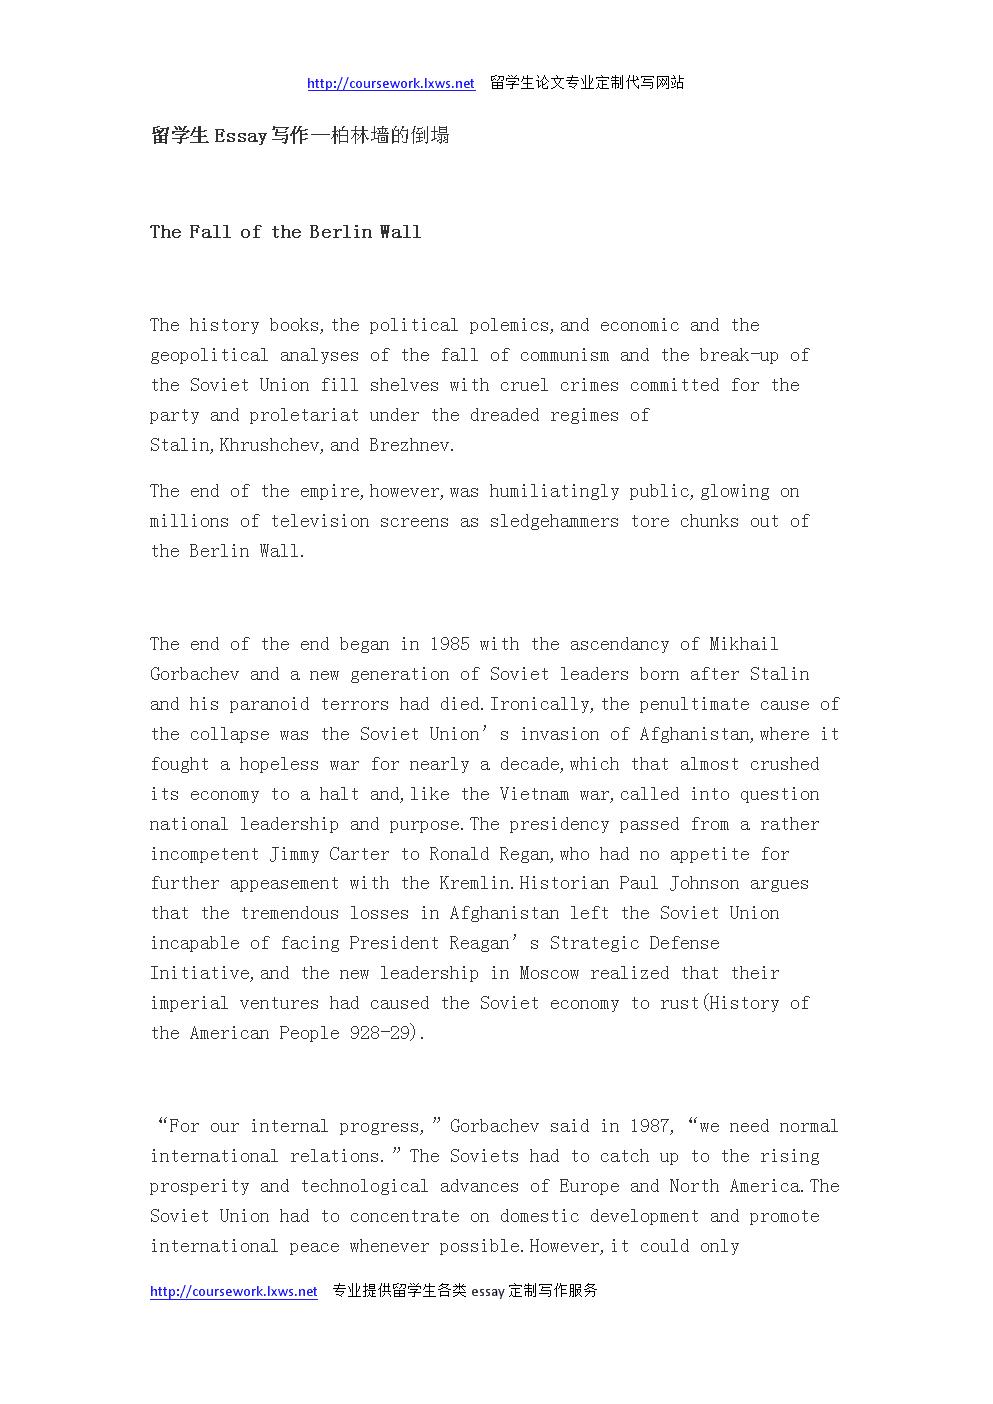 留学生Essay写作—柏林墙的倒塌.docx